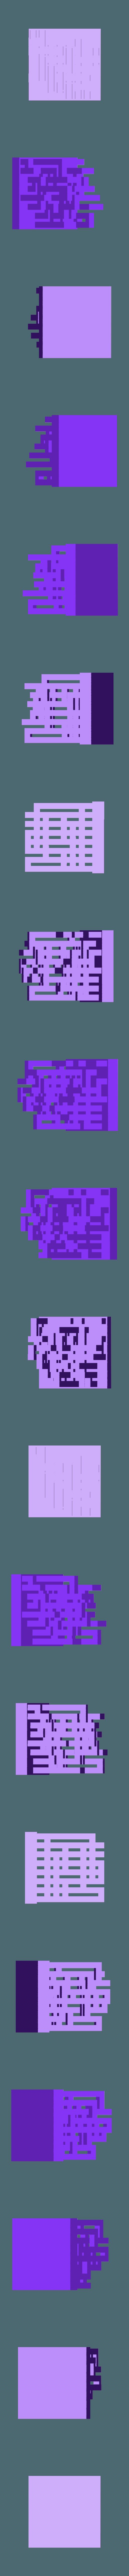 squared_2.stl Télécharger fichier STL gratuit Boucles de procédure • Design imprimable en 3D, ferjerez3d